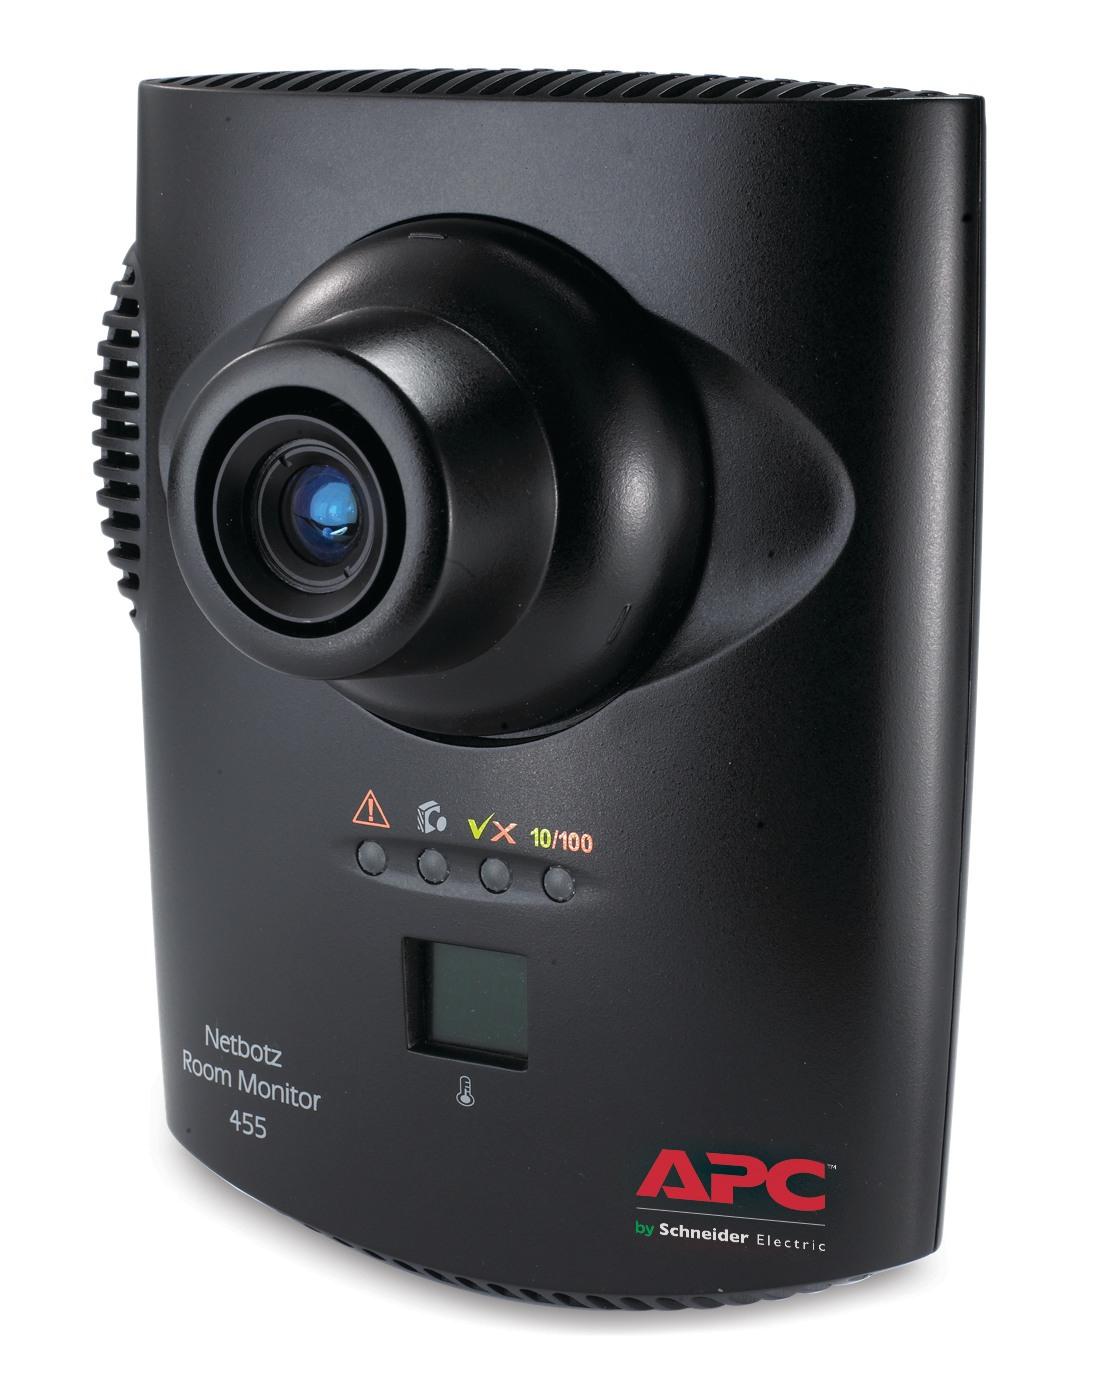 APC NBWL0455A UPS accessory